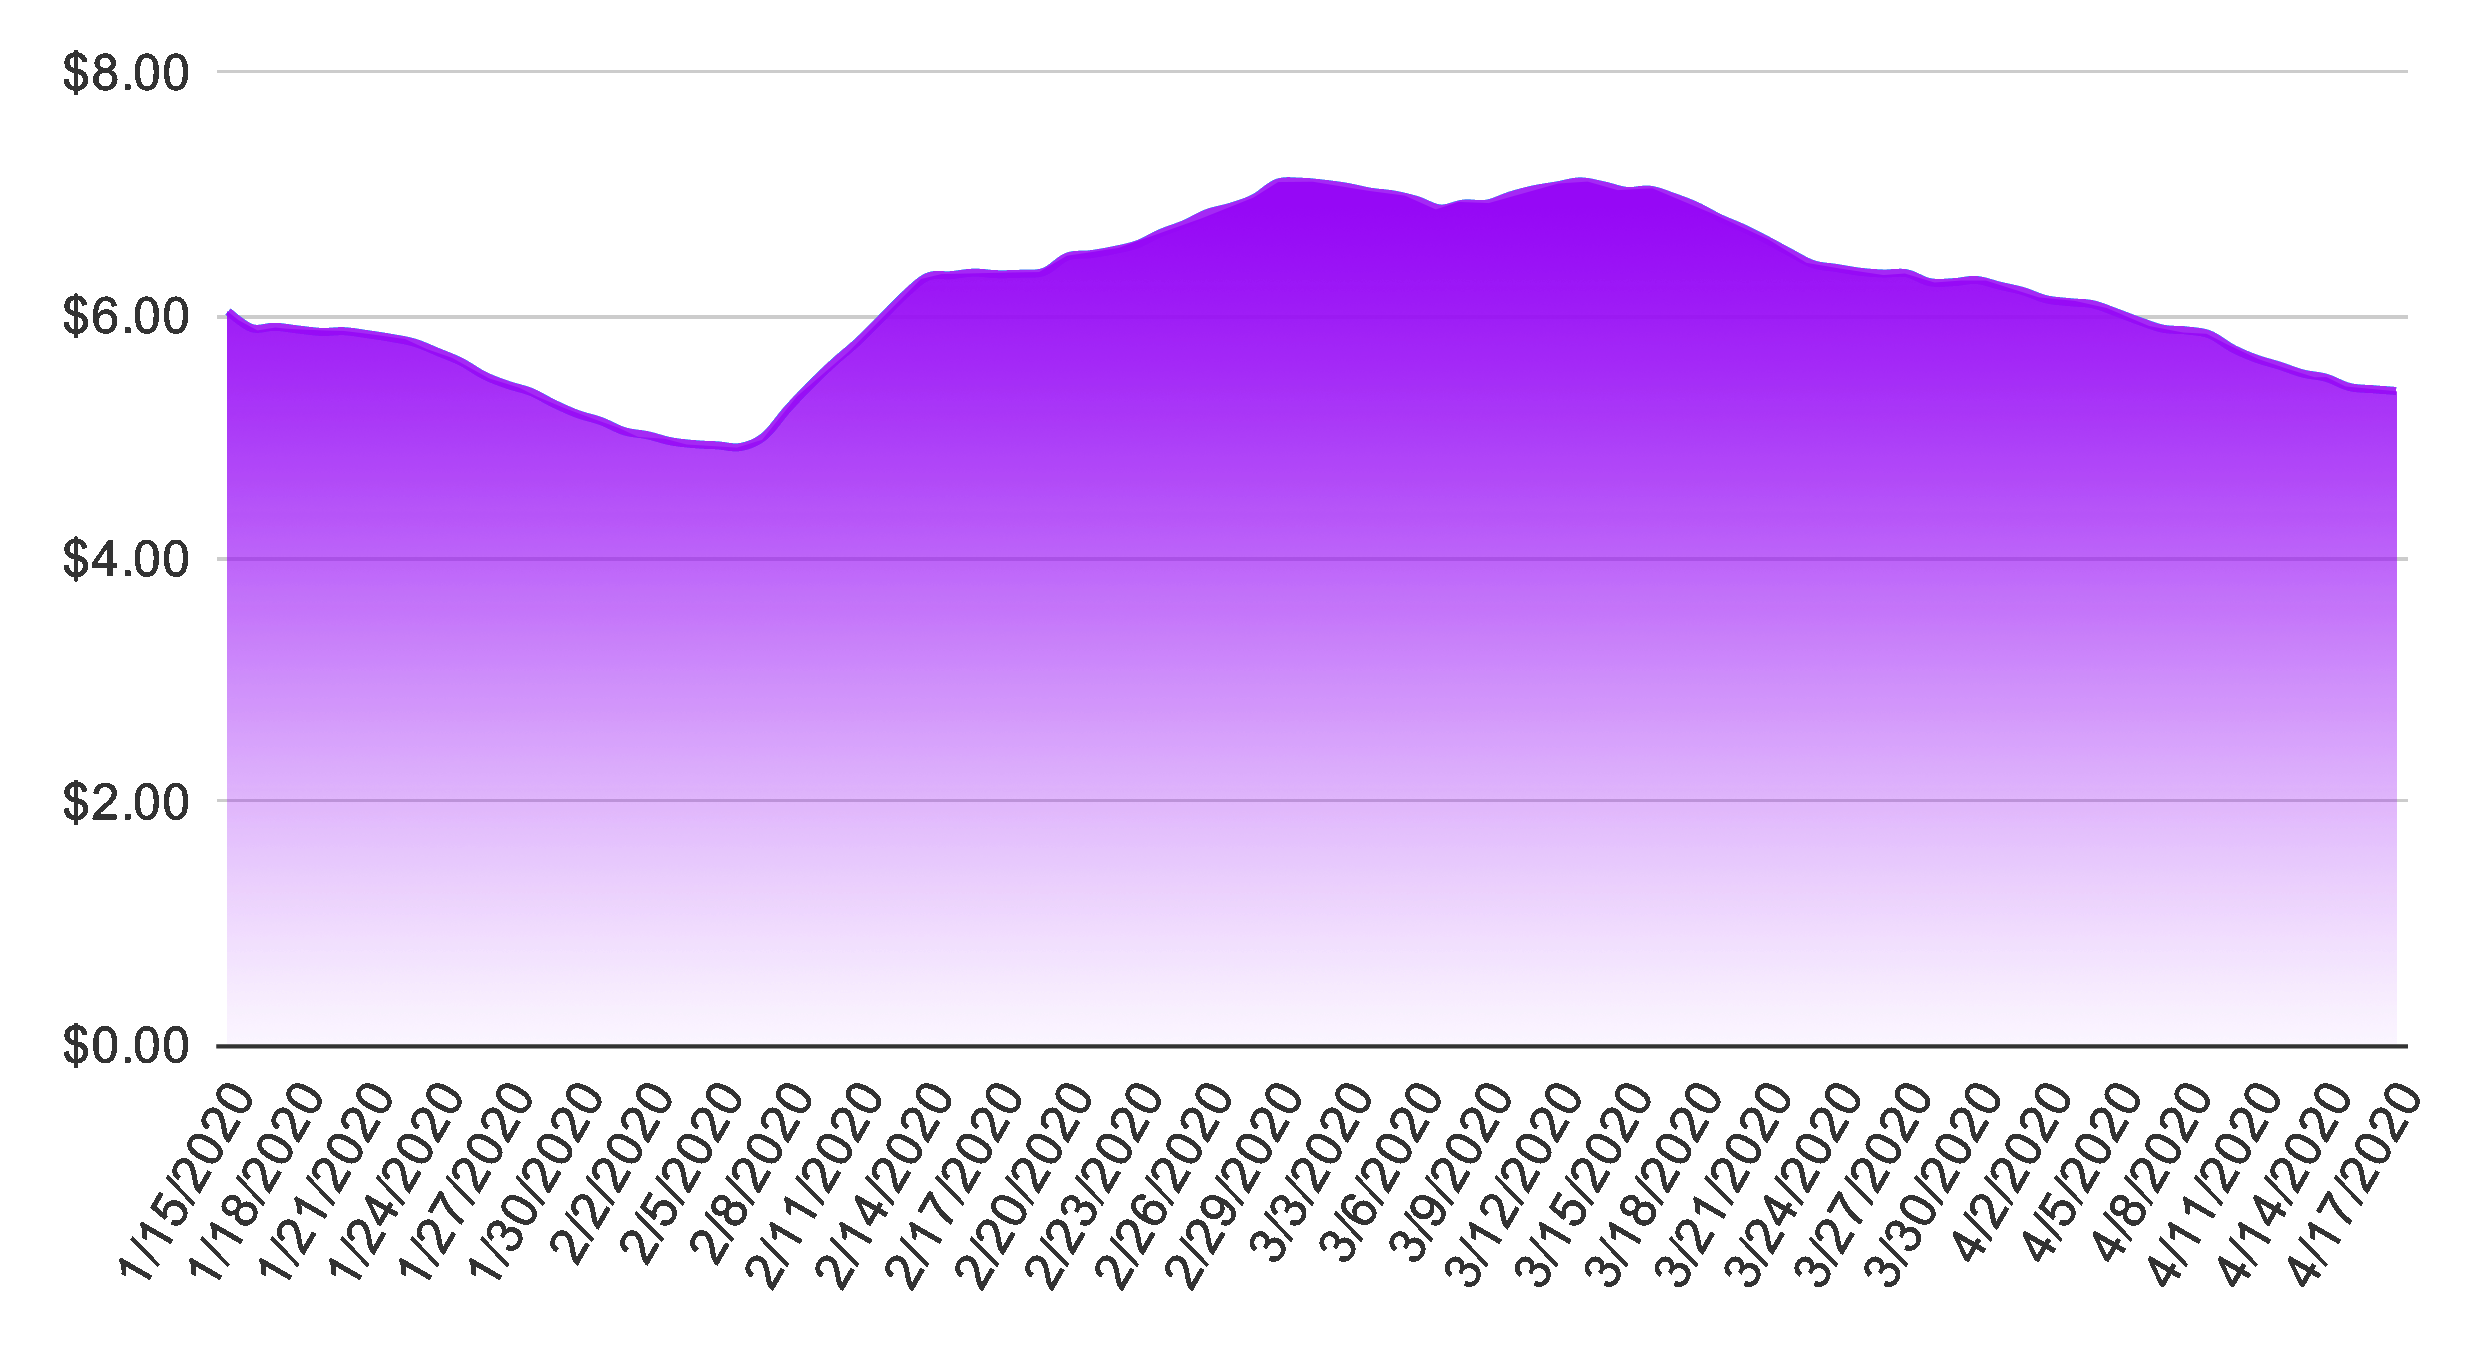 Aarki Cost Per Install (CPI) (Jan 2020 - Apr 2020)